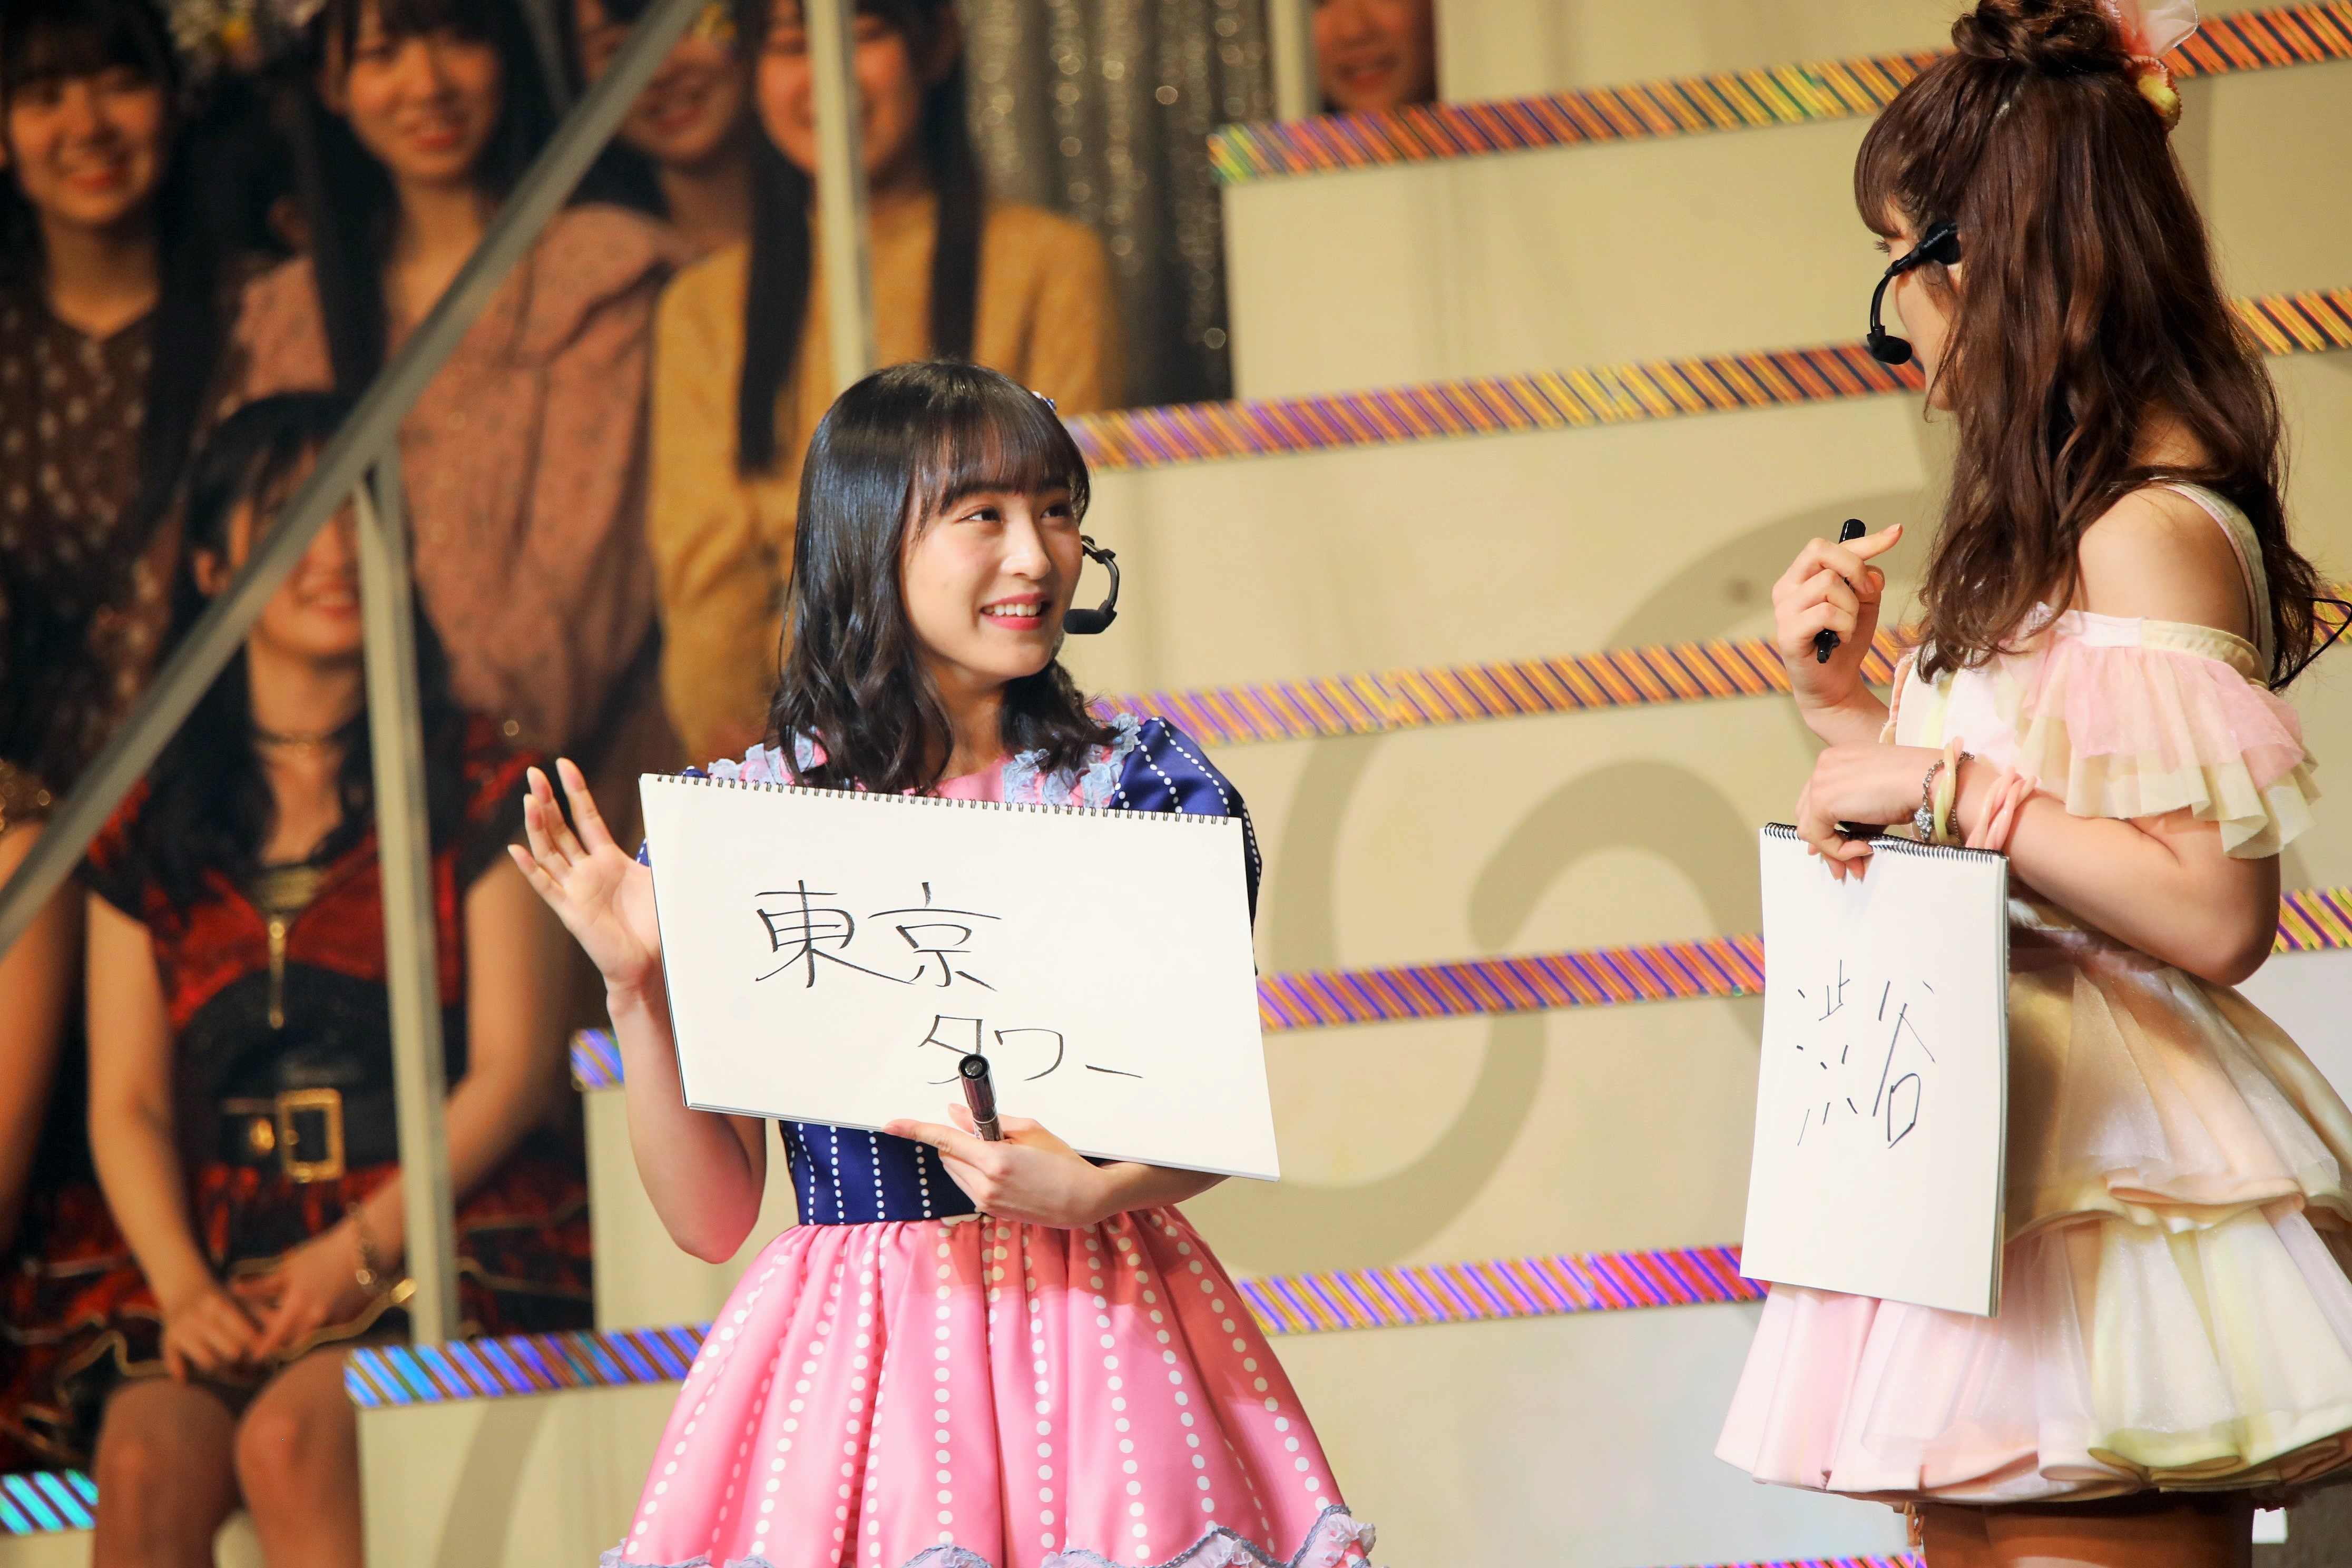 AKB48坂口渚沙・NMB48渋谷凪咲